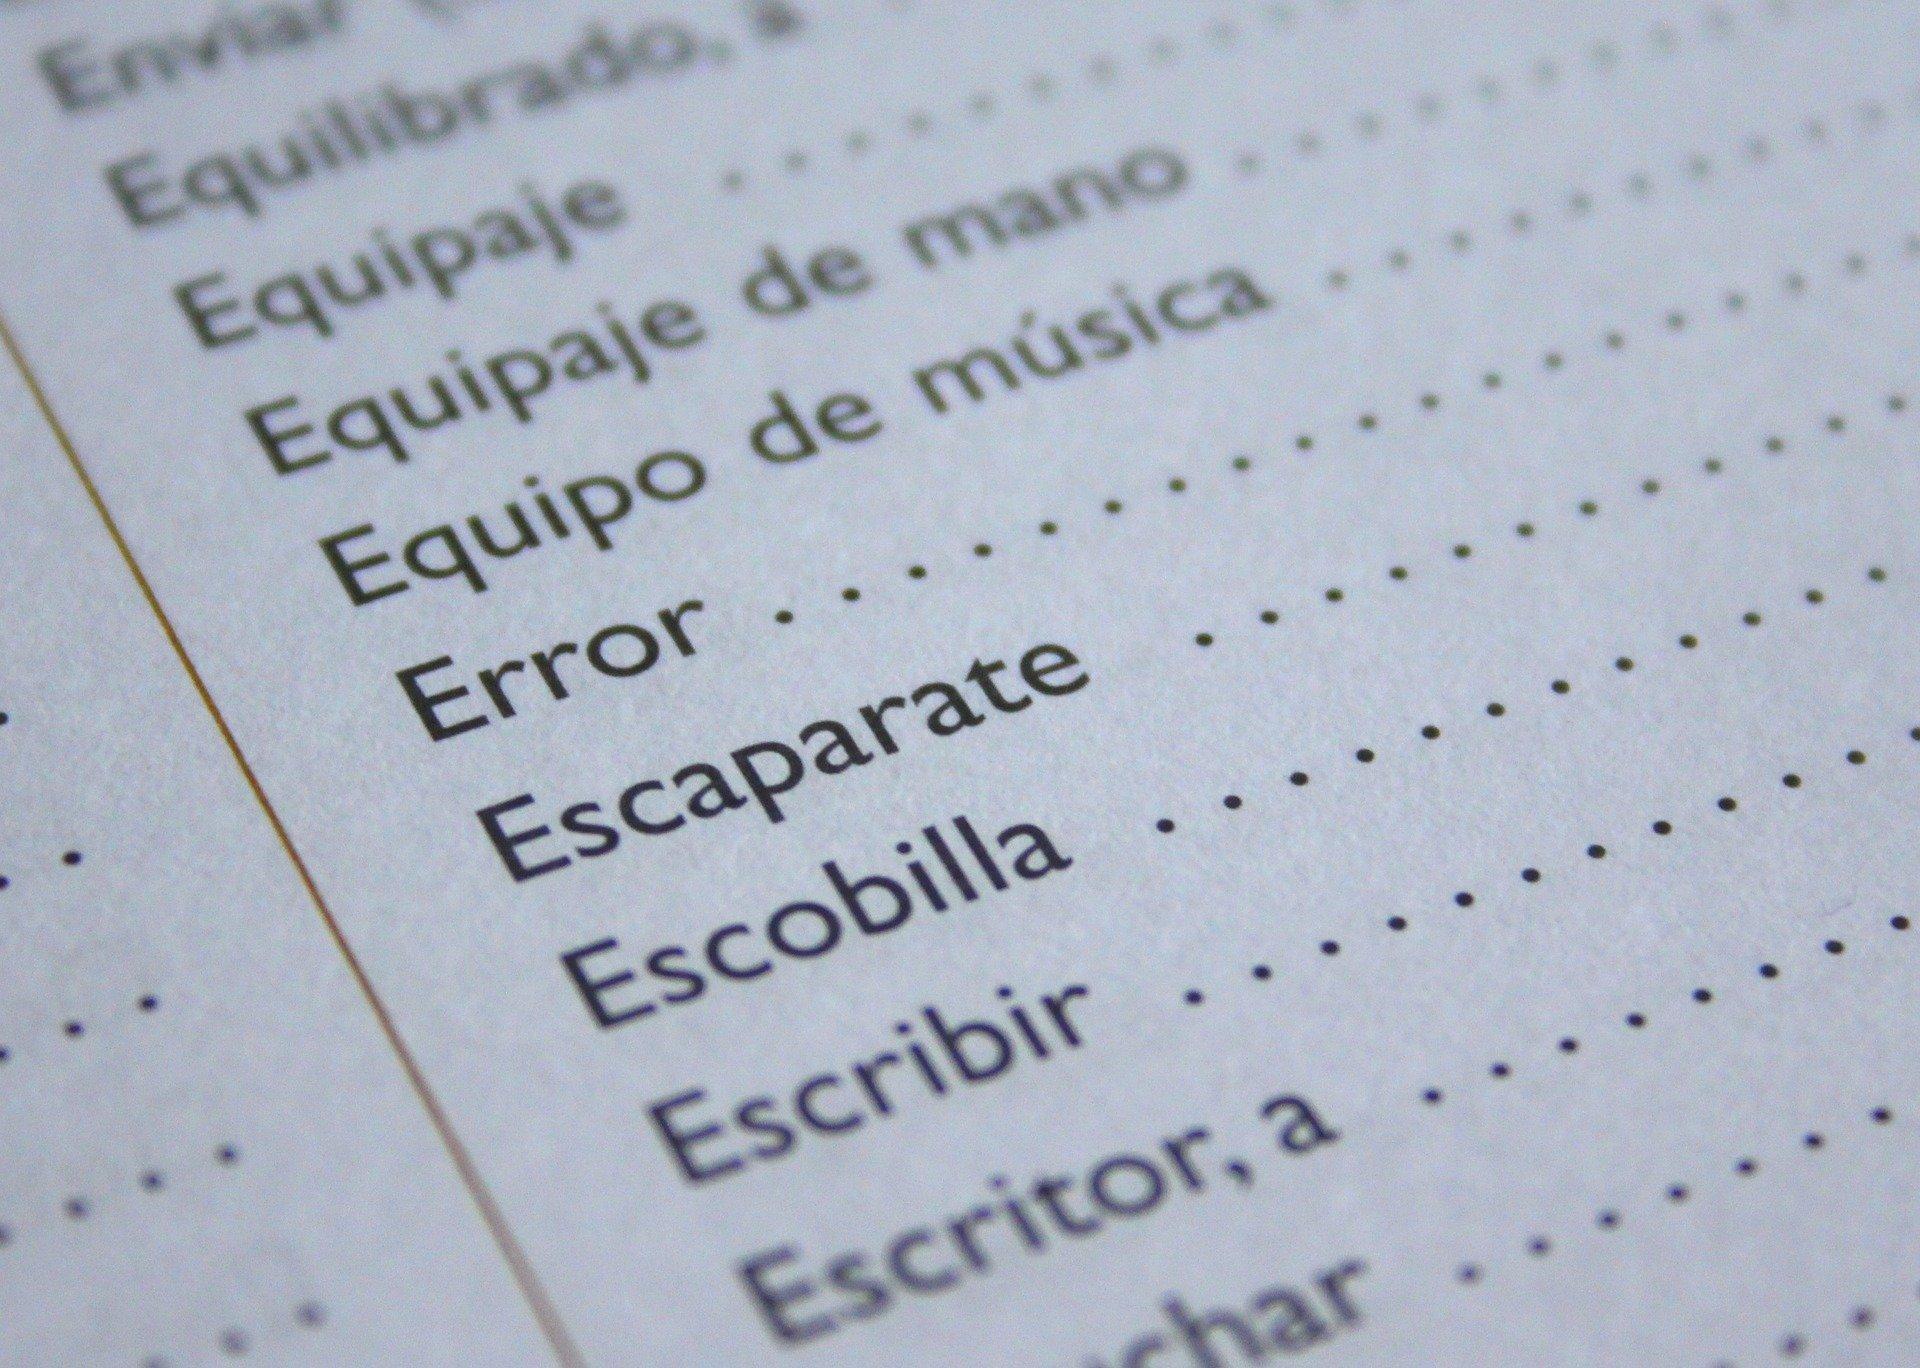 Mit Spanisch durch das Land - Sprache und Kultur in Ecuador und die Galapagos-Inseln